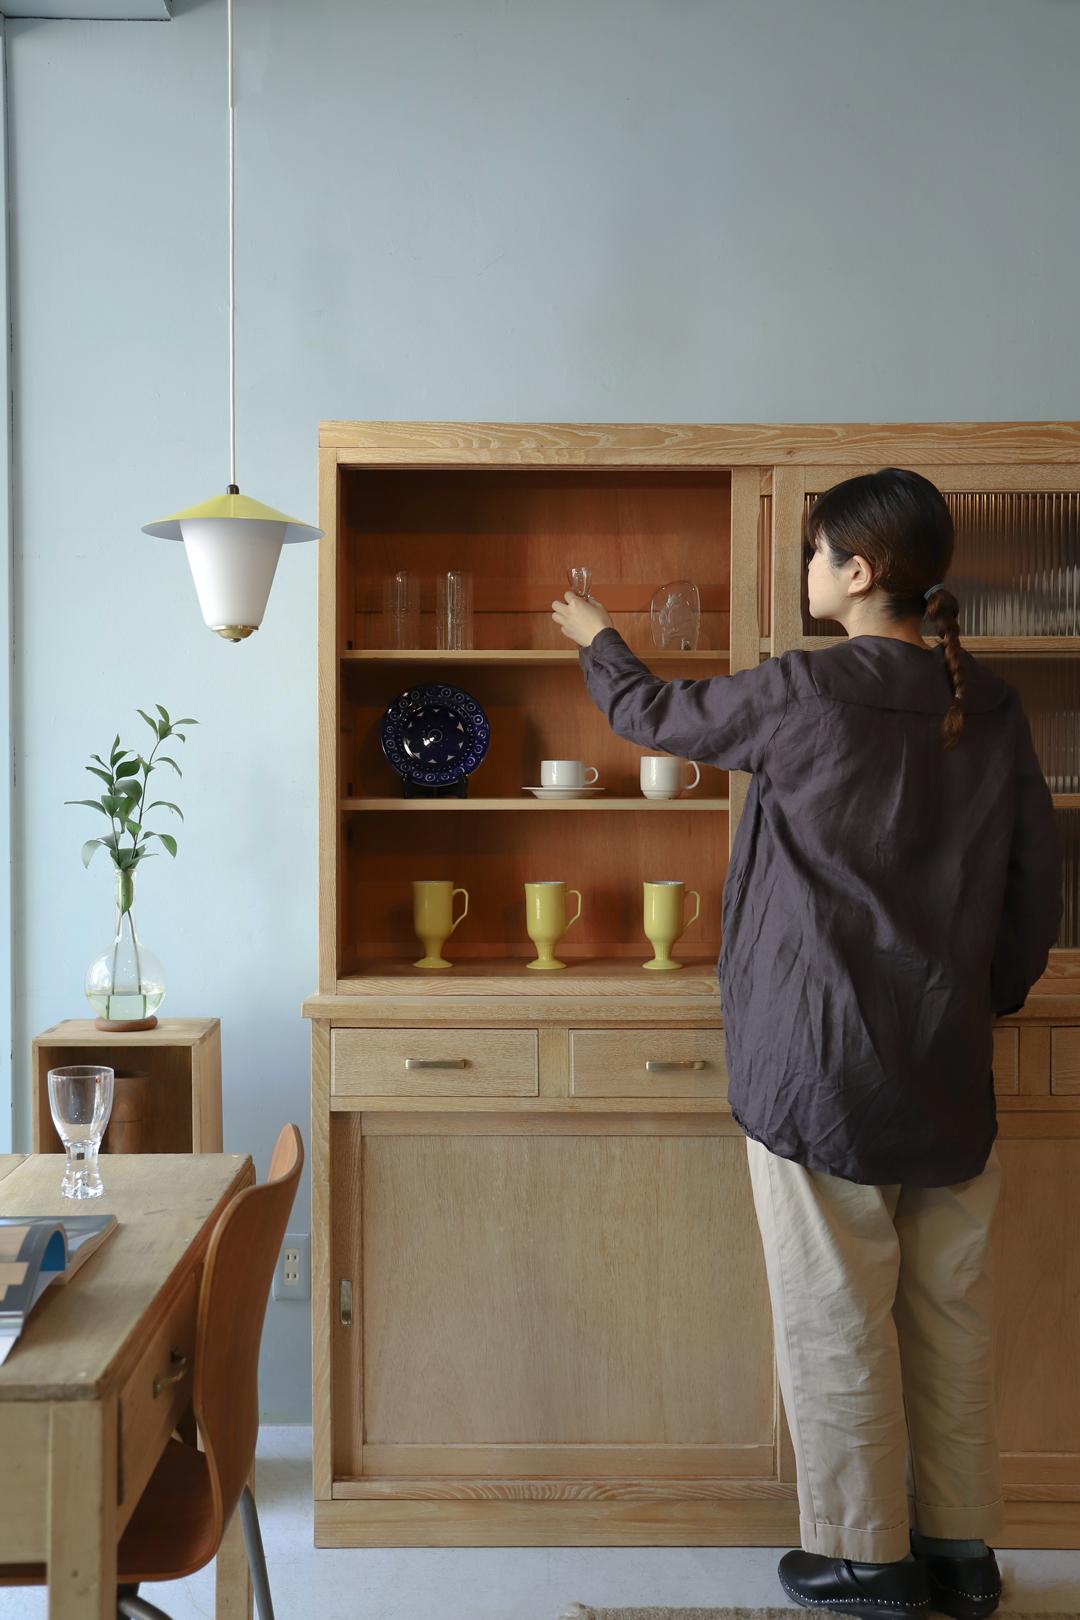 Herstal Marlin Pendant Light Danish Design/デンマーク ペンダントライト ガラスシェード ミッドセンチュリーモダン インテリア